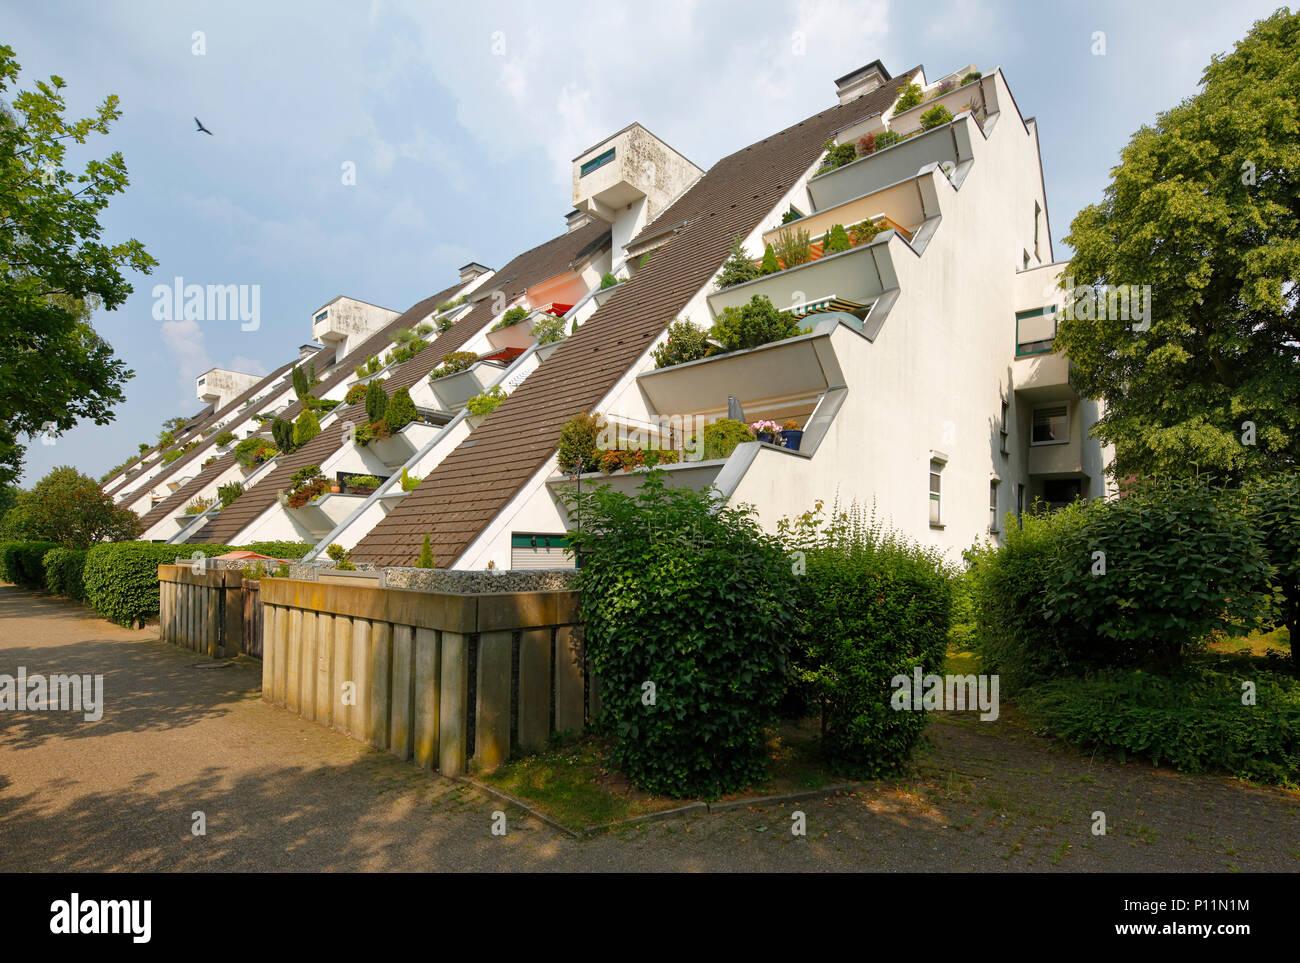 D Marl Ruhr Area Westphalia North Rhine Westphalia Nrw